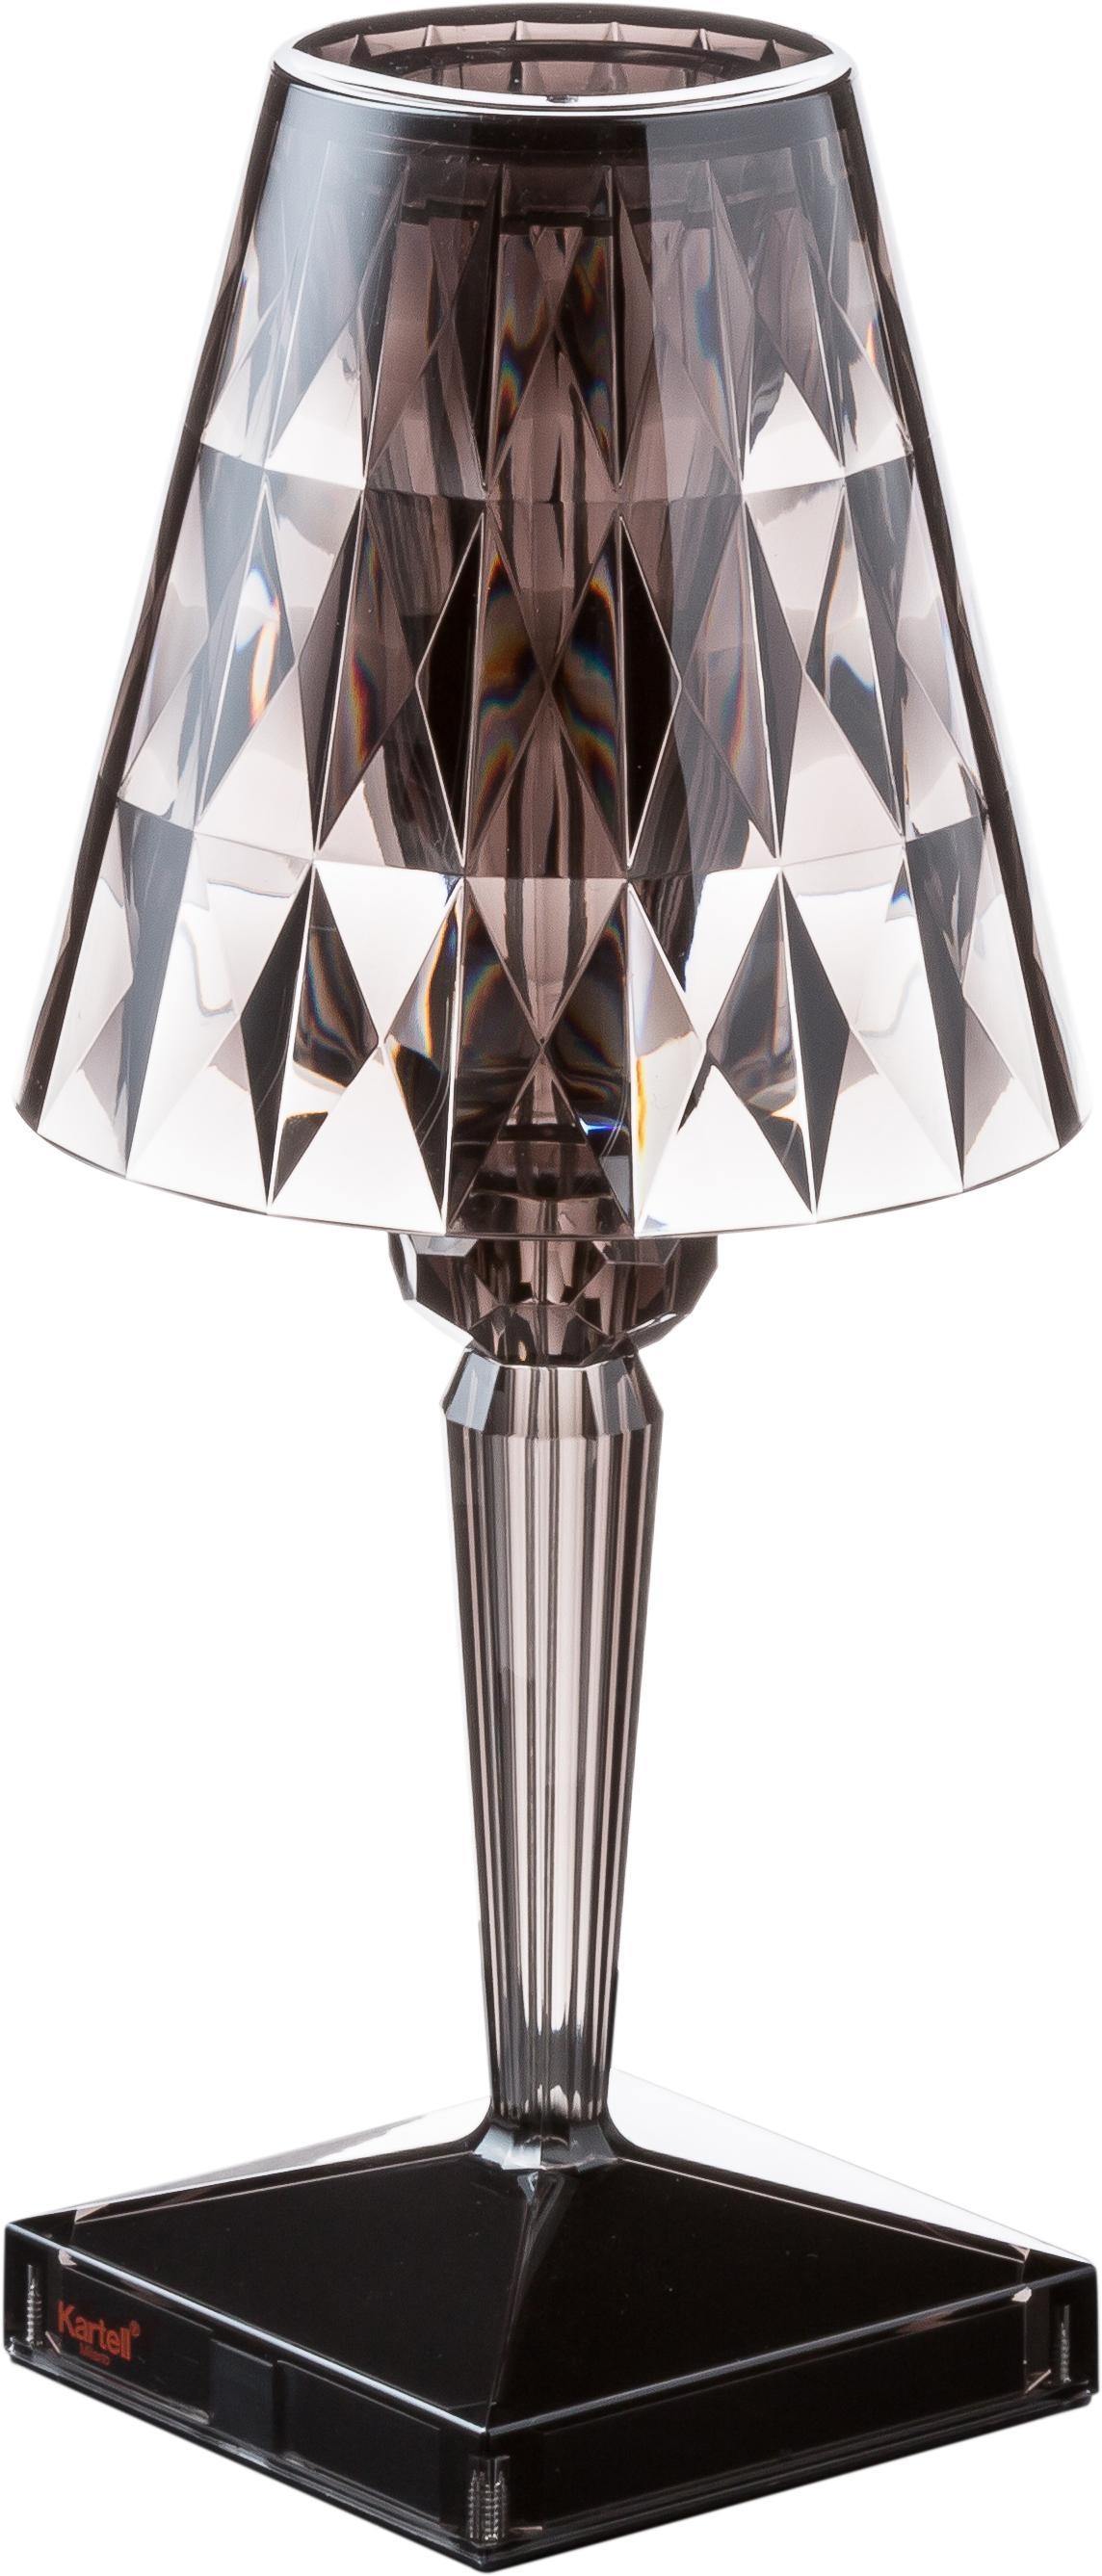 Lampa stołowa LED Battery, Tworzywo sztuczne, Szary, transparentny, Ø 12 x W 26 cm